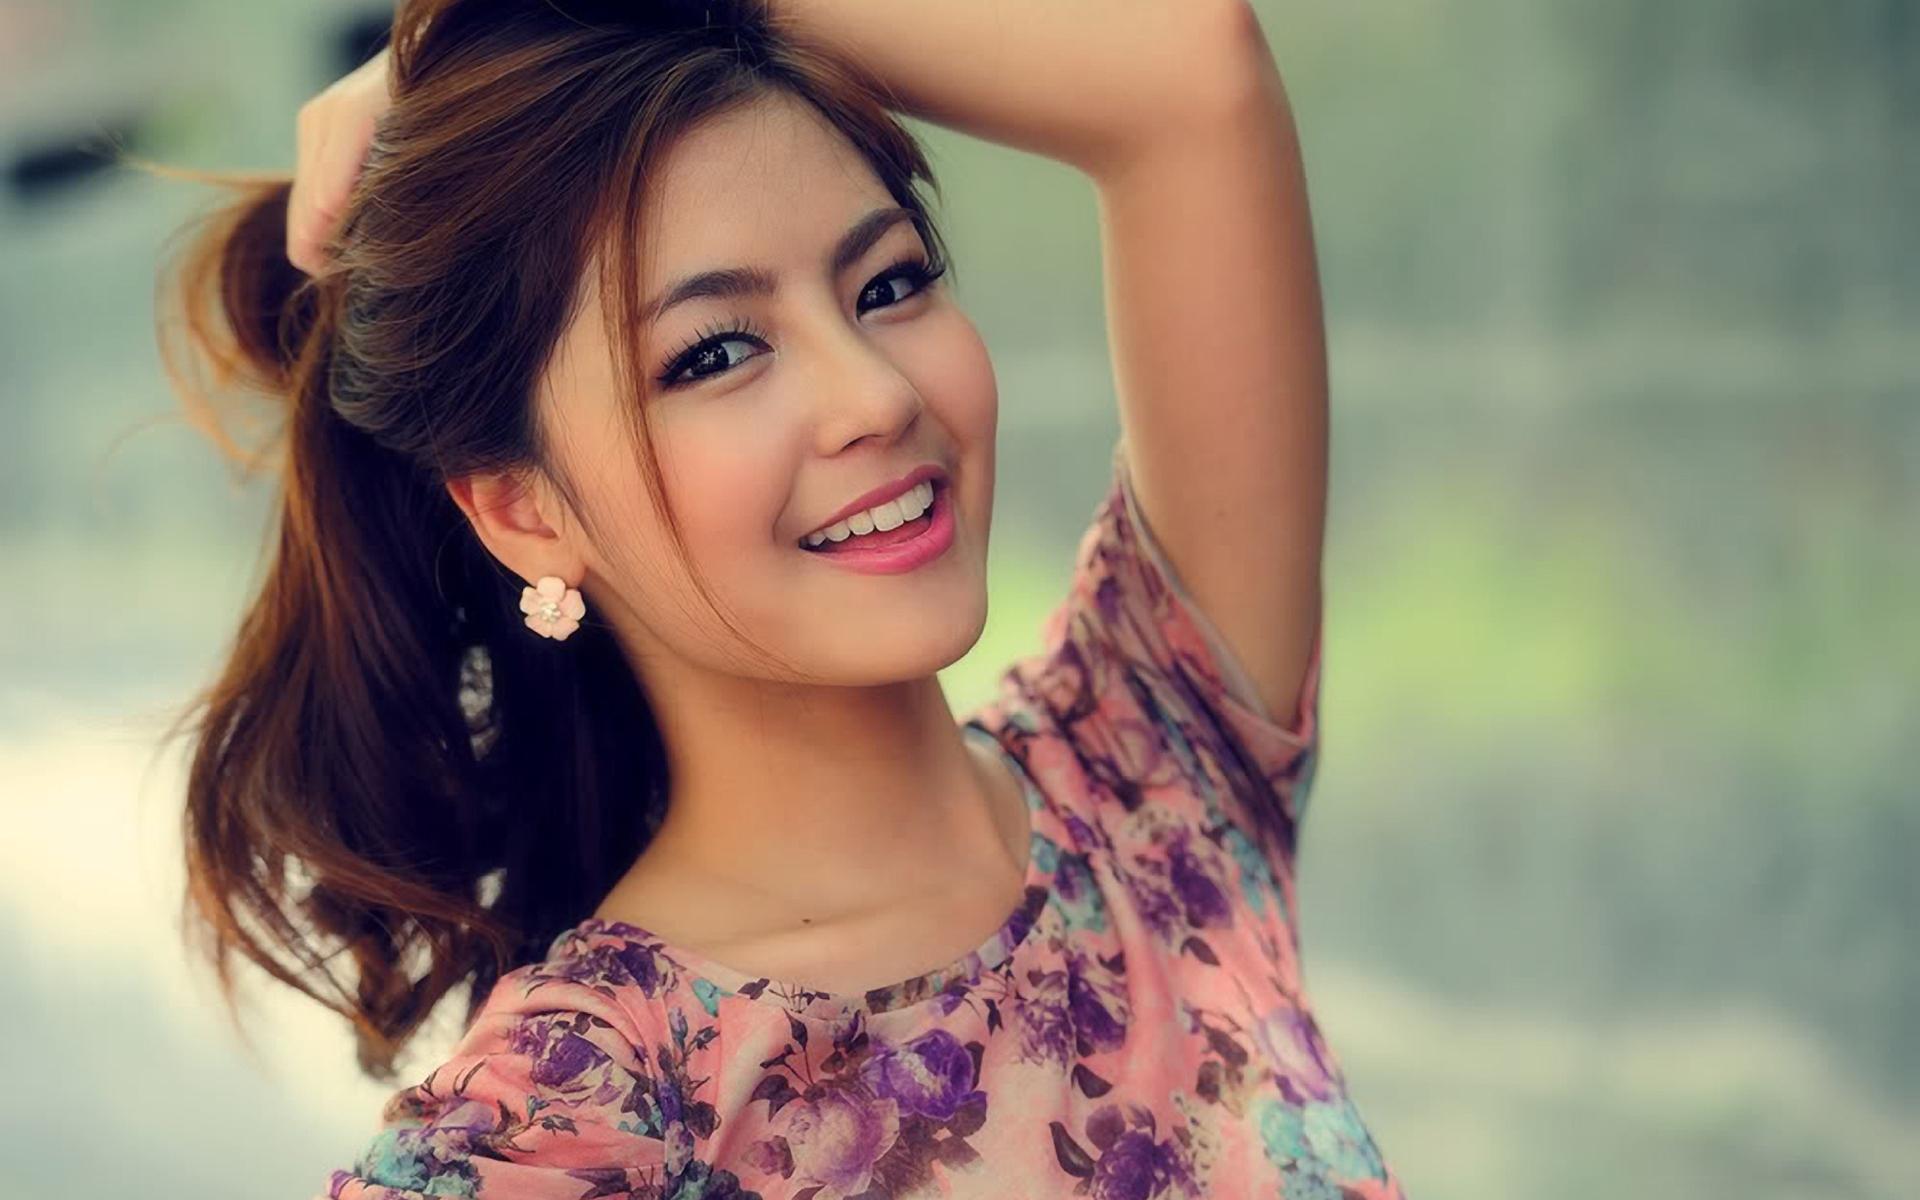 بالصور صور اجمل النساء , بالصور اجمل نساء العالم 2983